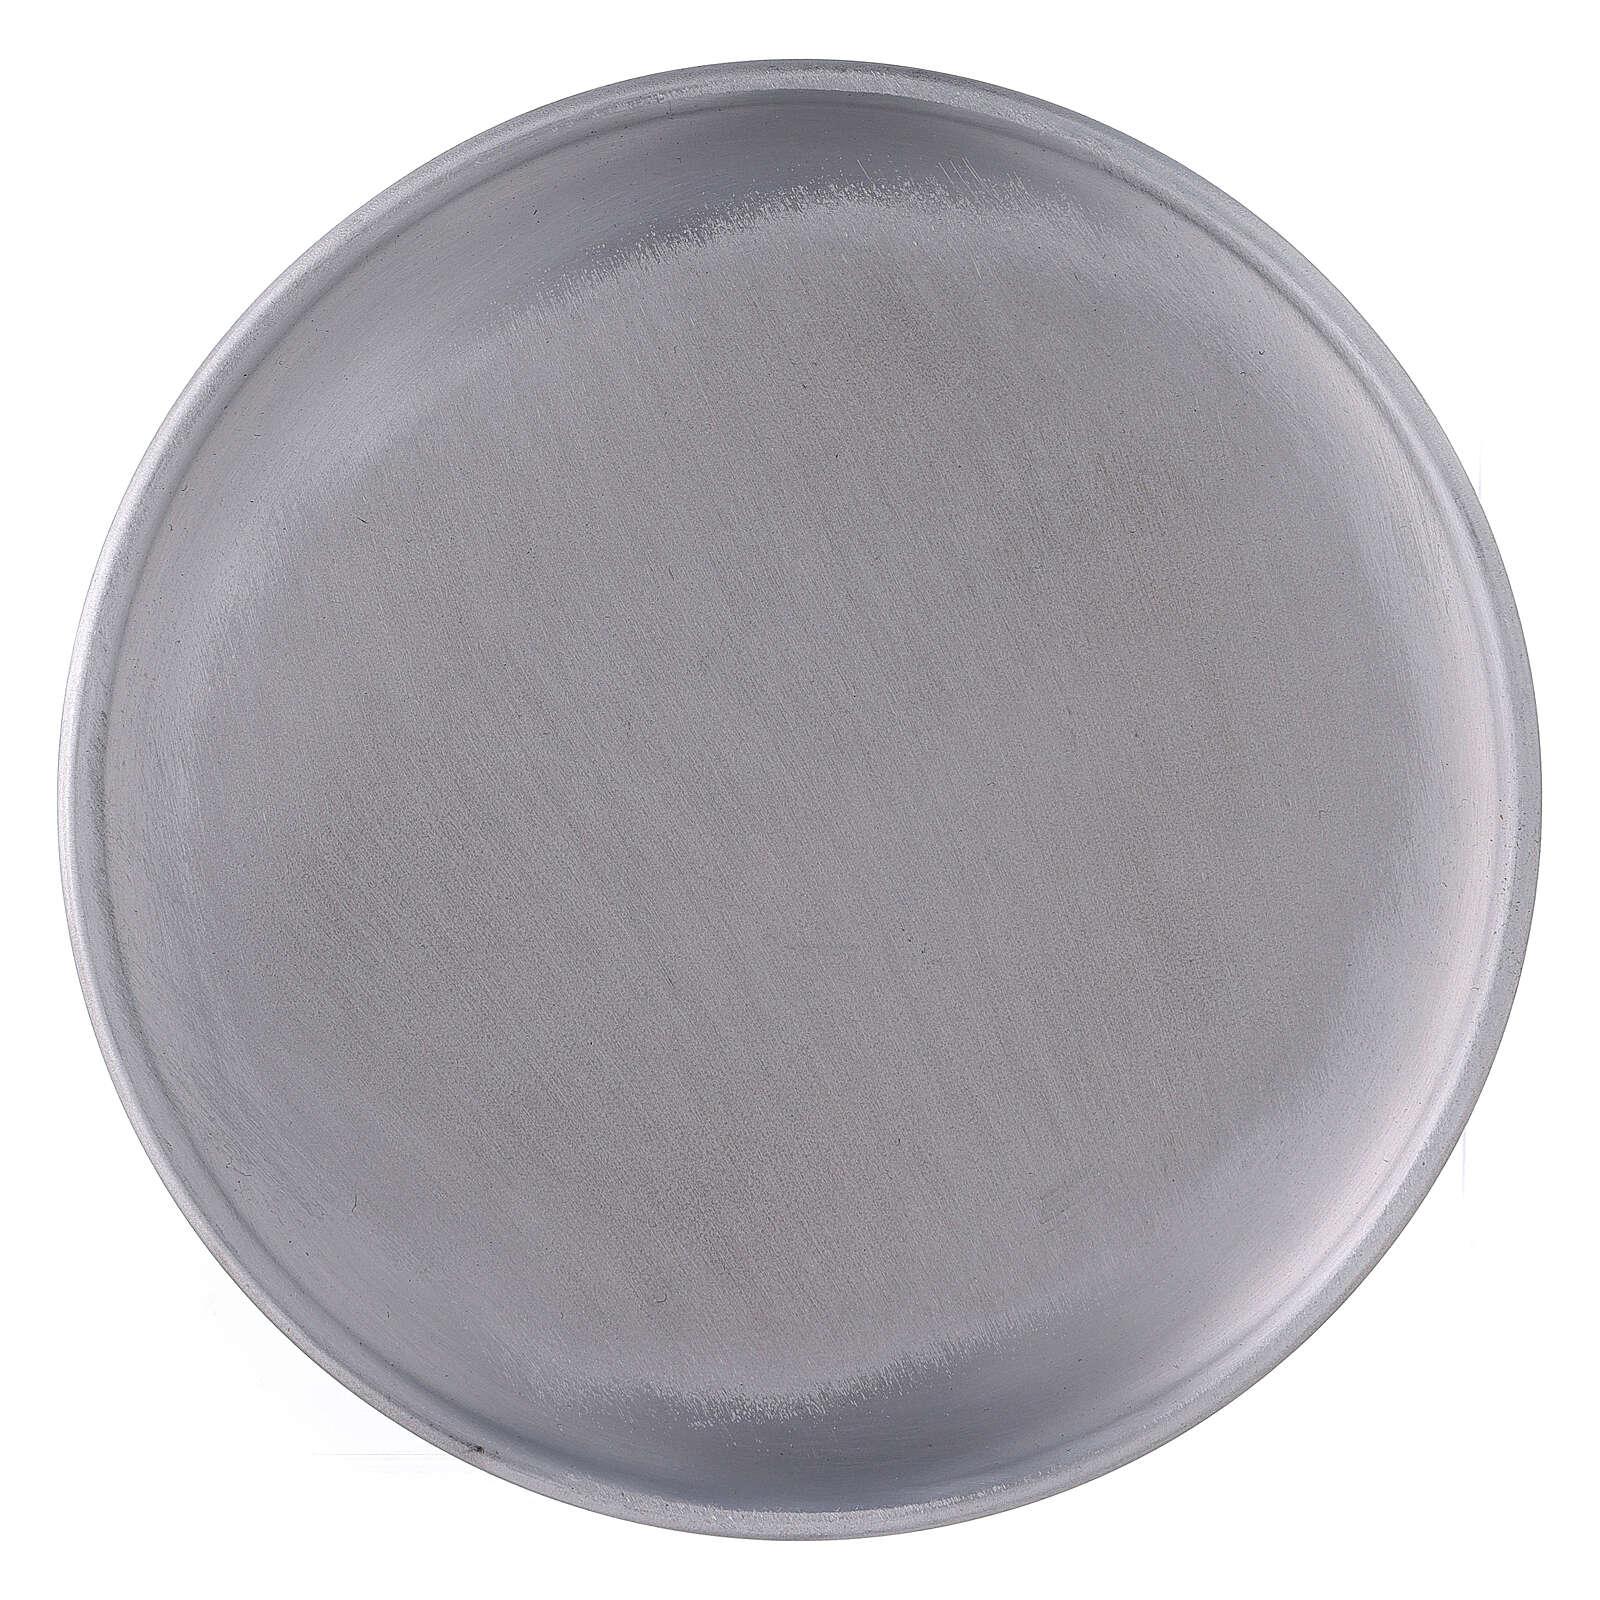 Portavela plato aluminio 17 cm pies 3